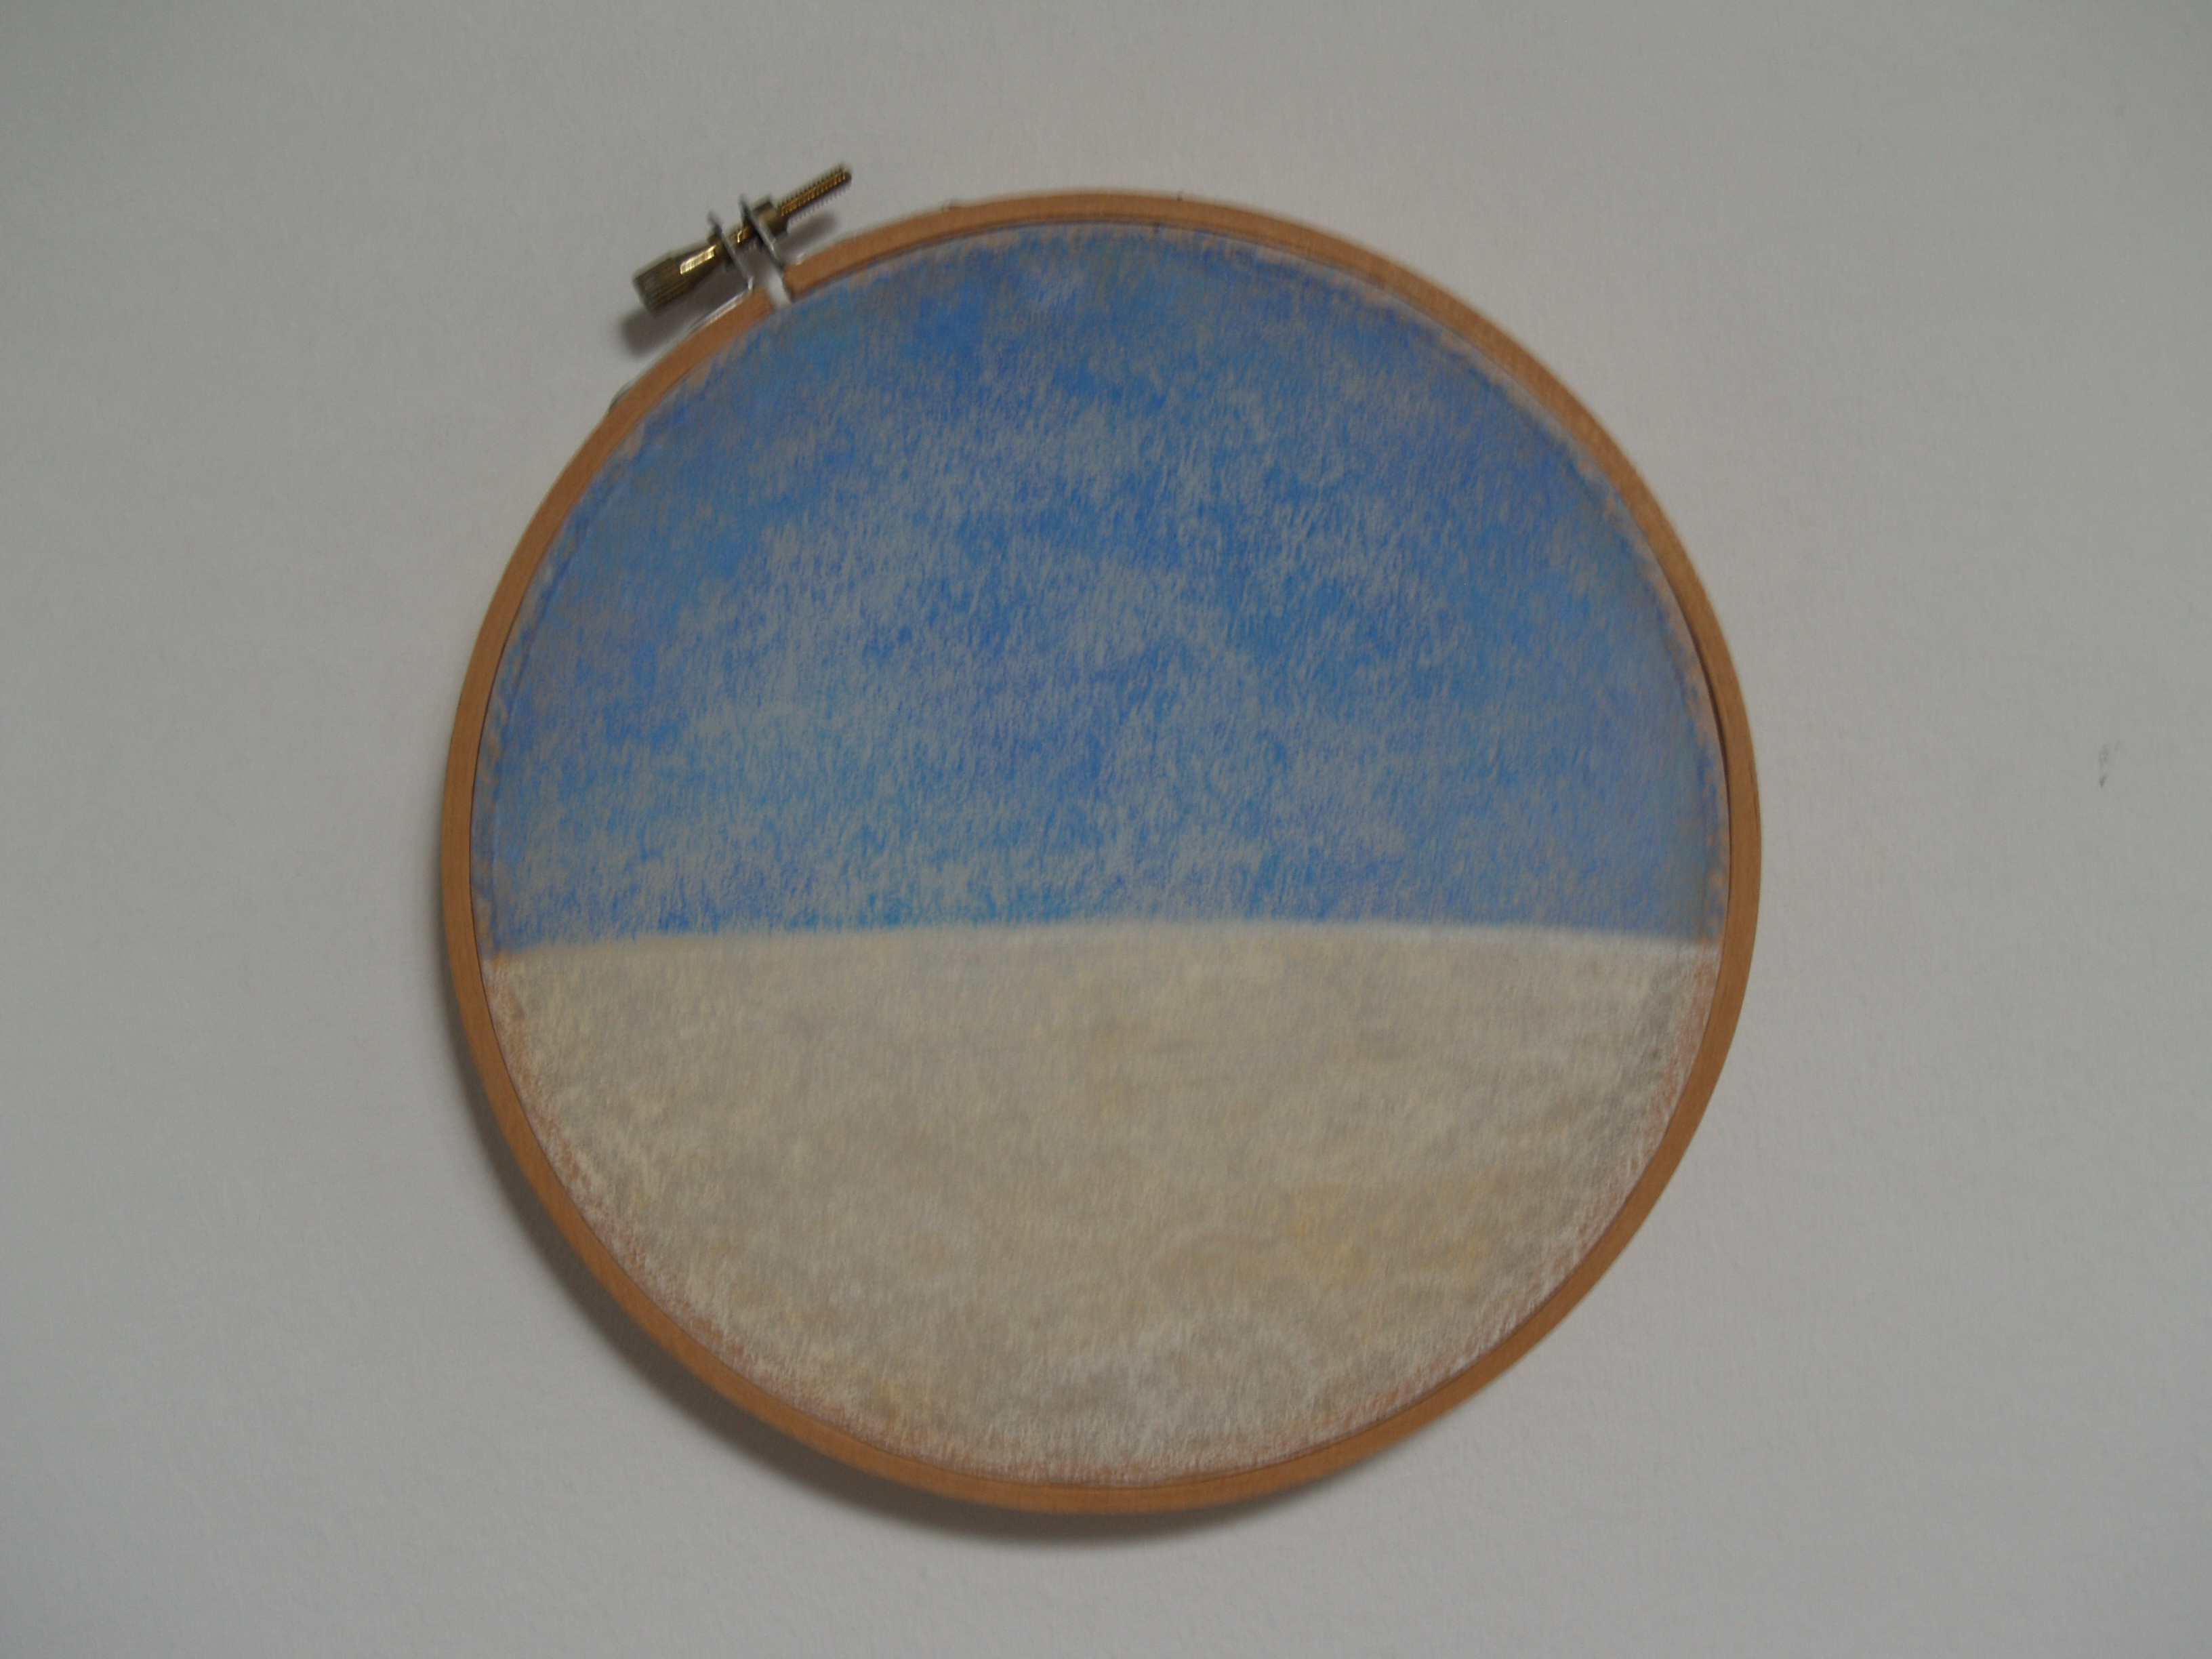 Schilderij met de titel patrijspoortje van beeldend kunstenaar Saskia Zwiers uit 1990